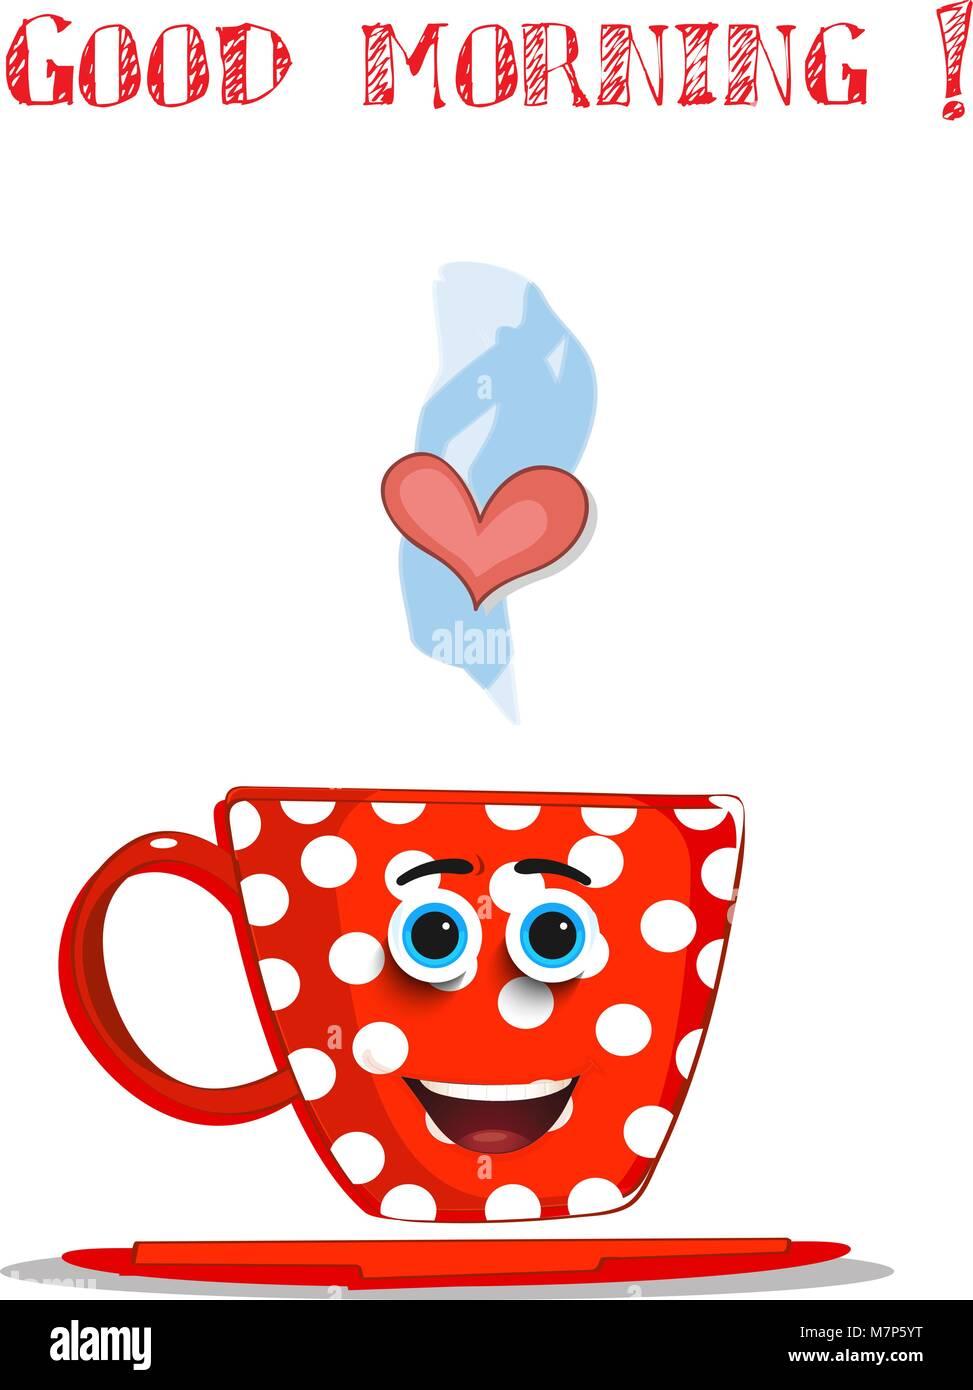 Cute Dibujos Animados Taza Sonriente Rojo Con Lunares Blancos Patron